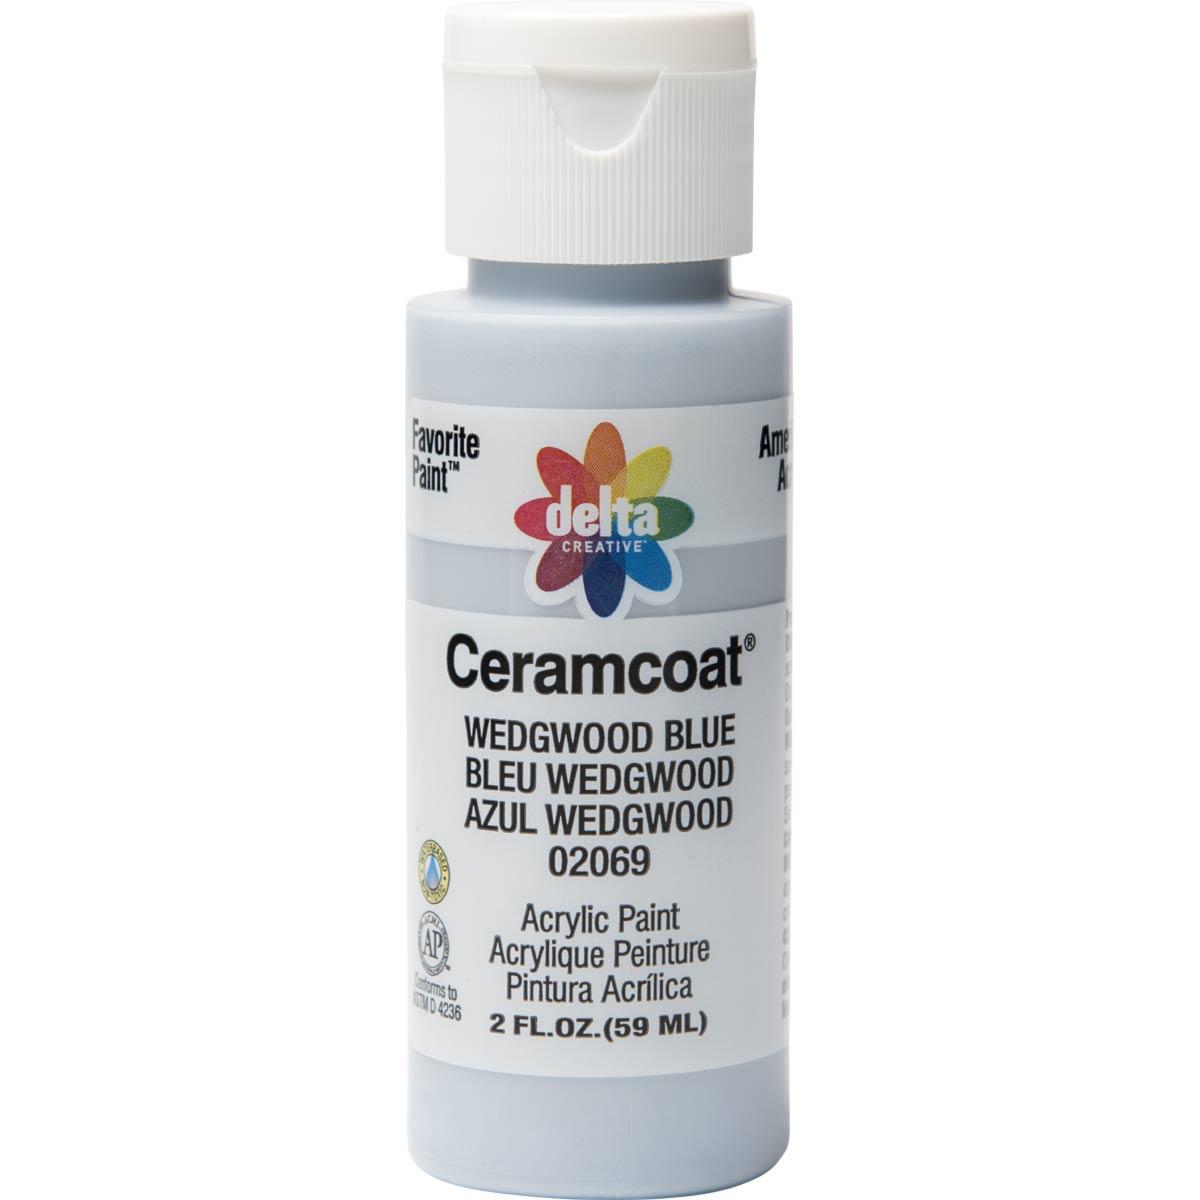 Delta Ceramcoat ® Acrylic Paint - Wedgewood Blue, 2 oz.